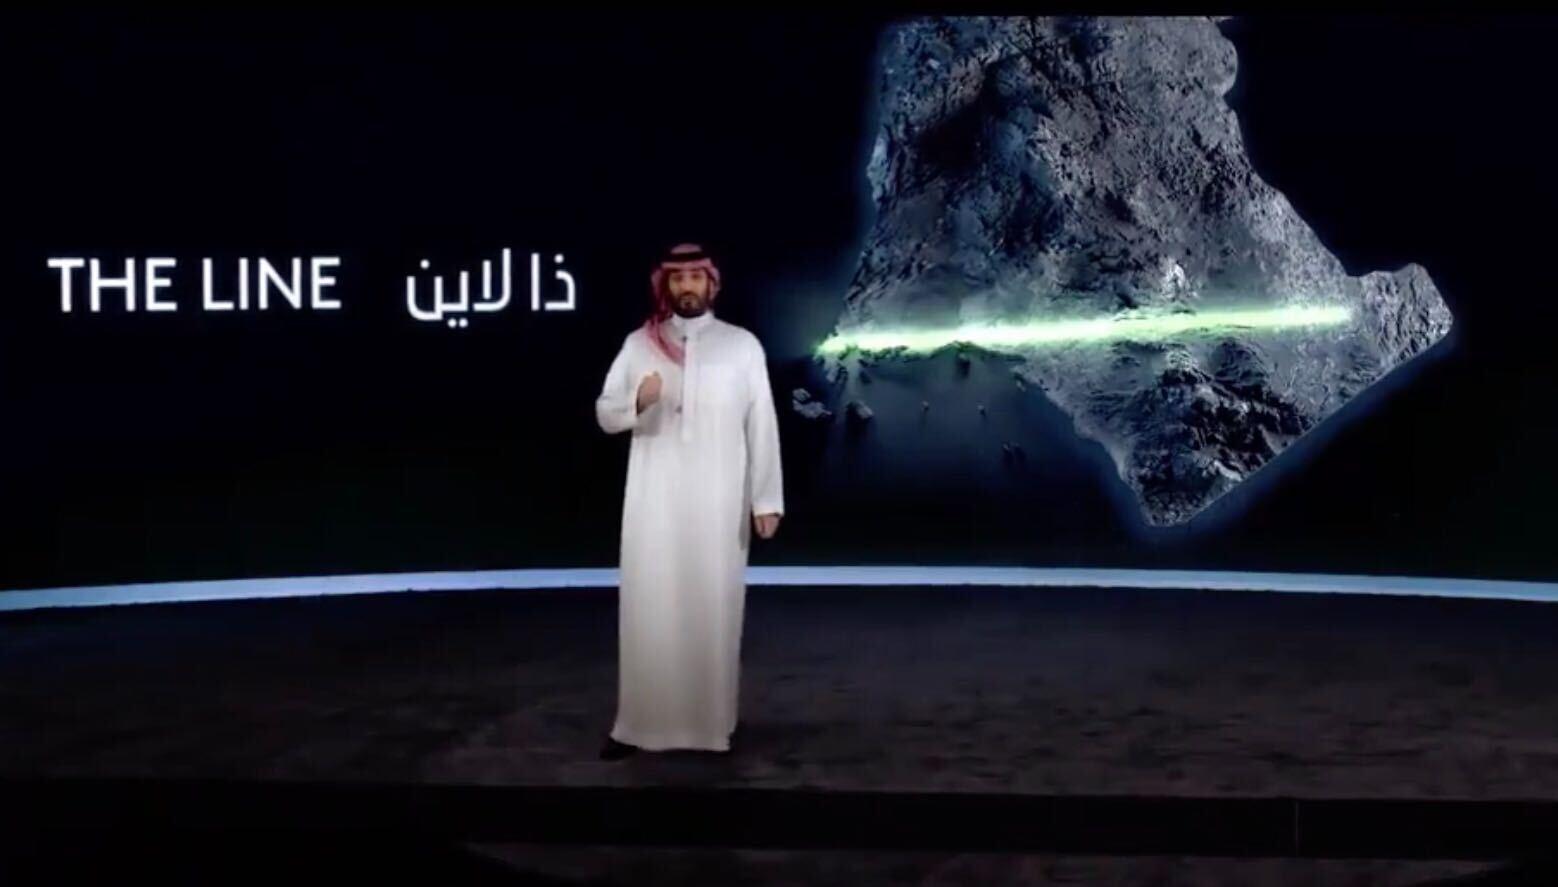 Arabia po ndërton qytetin e parë në botë pa rrugë dhe makina